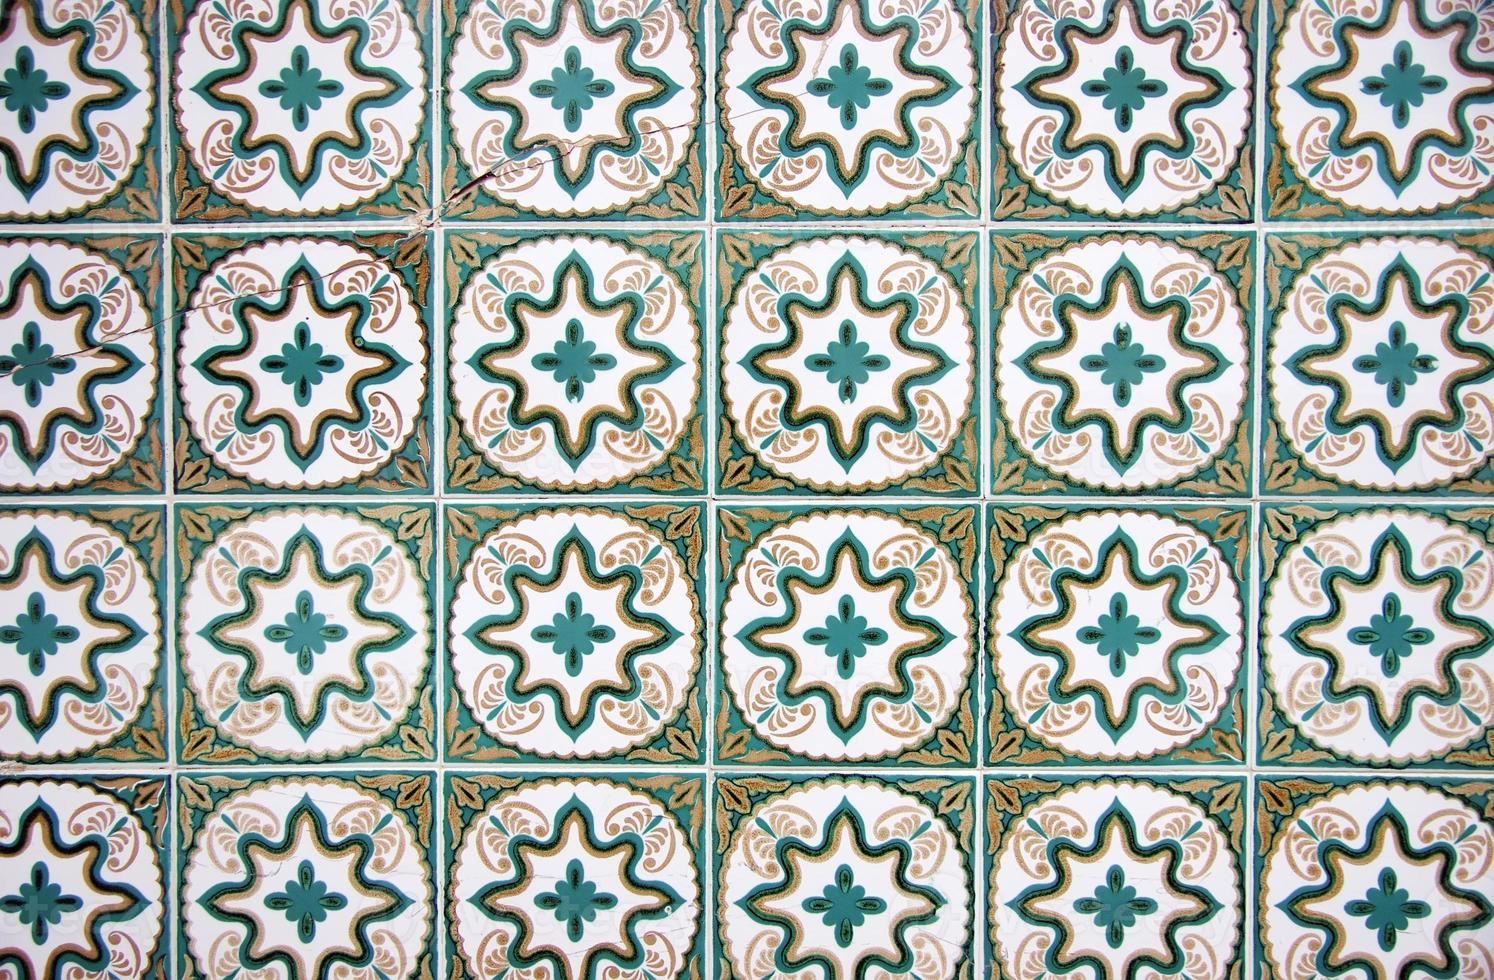 detalhe de azulejos portugueses. foto